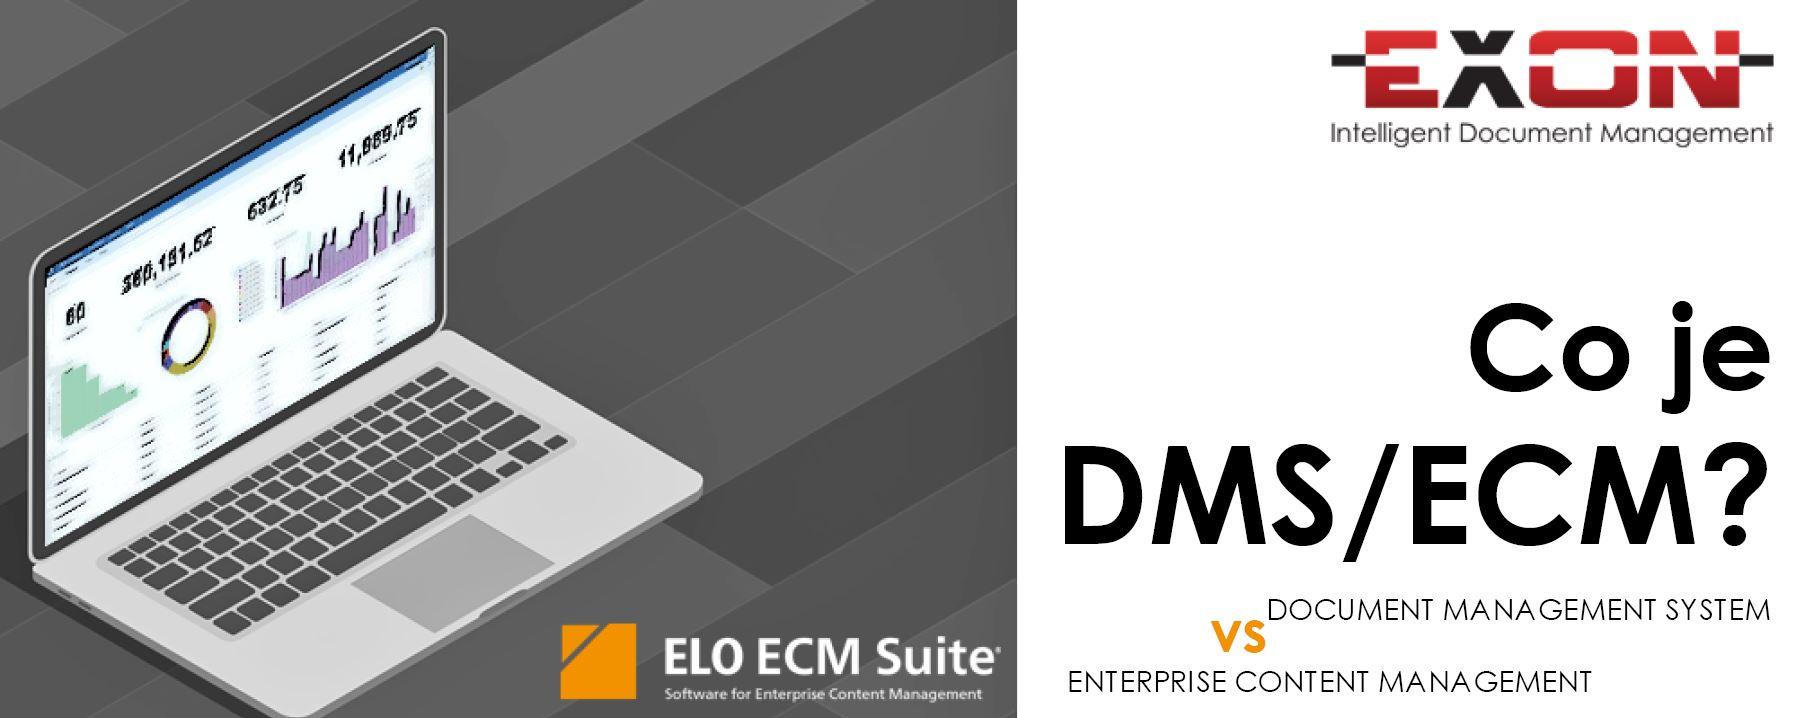 Co je to DMS ECM? Rozdíl mezi document management system a enterprise content management